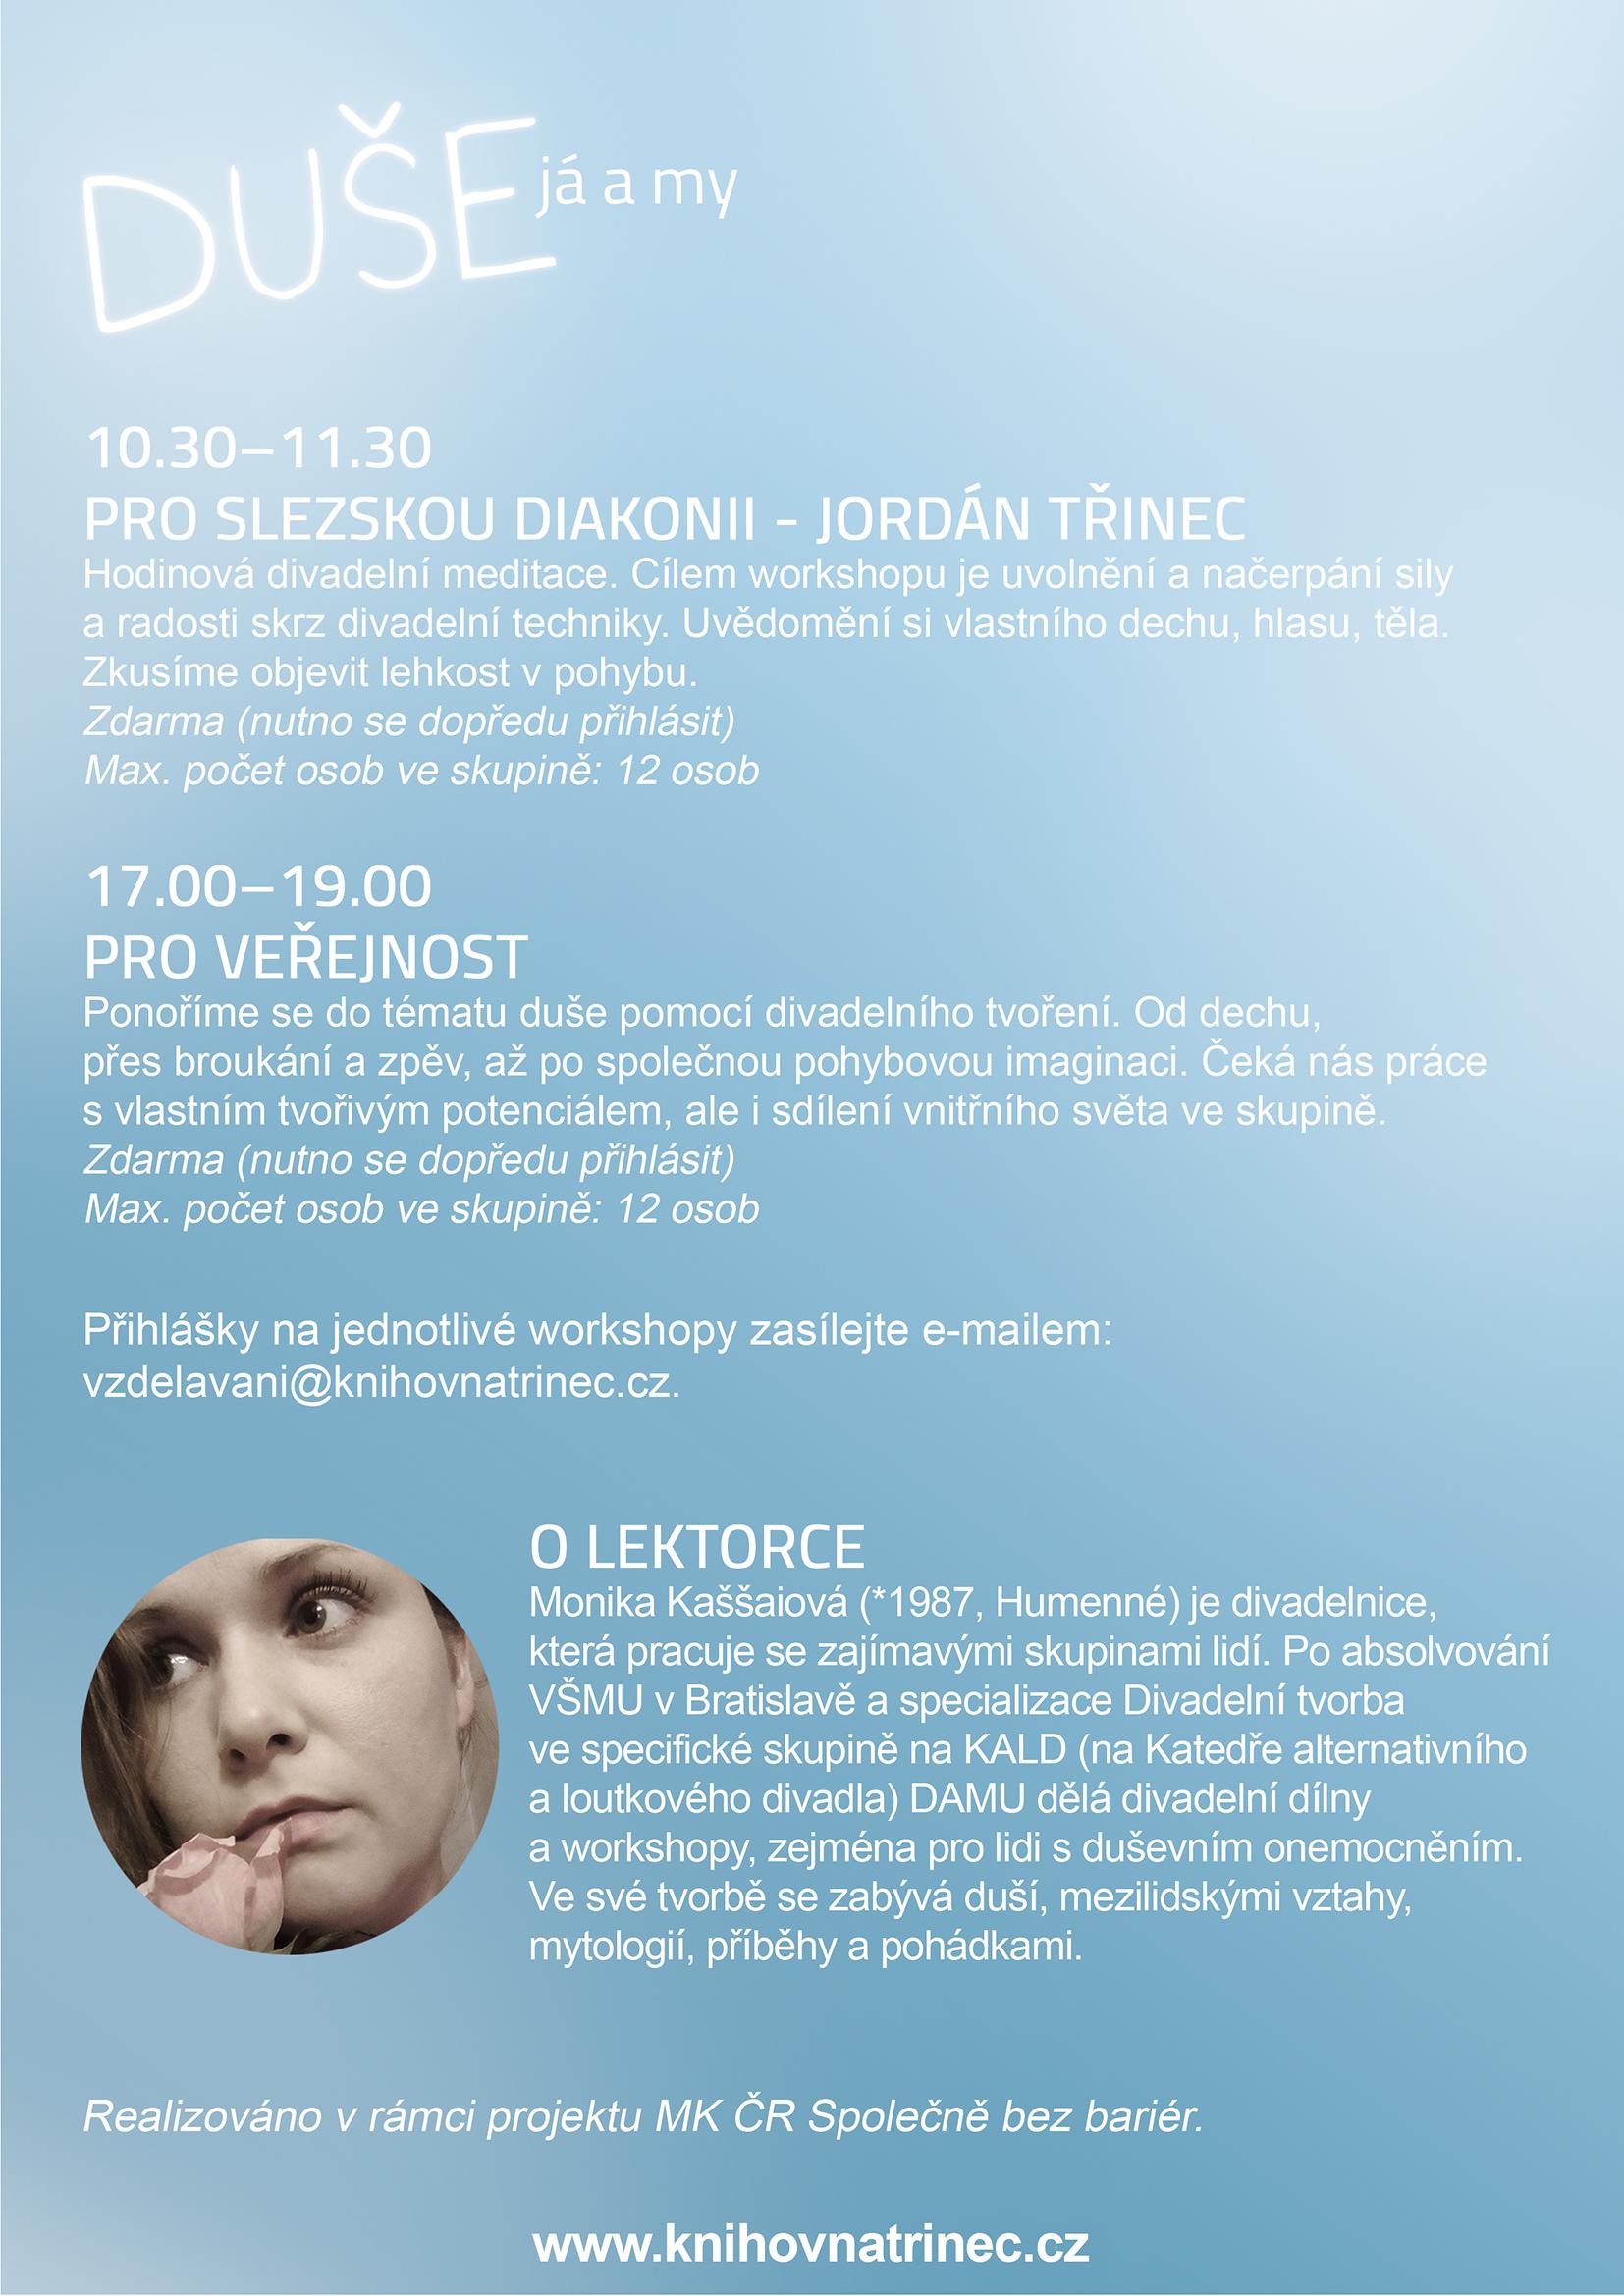 Duše workshop info 2 WEB